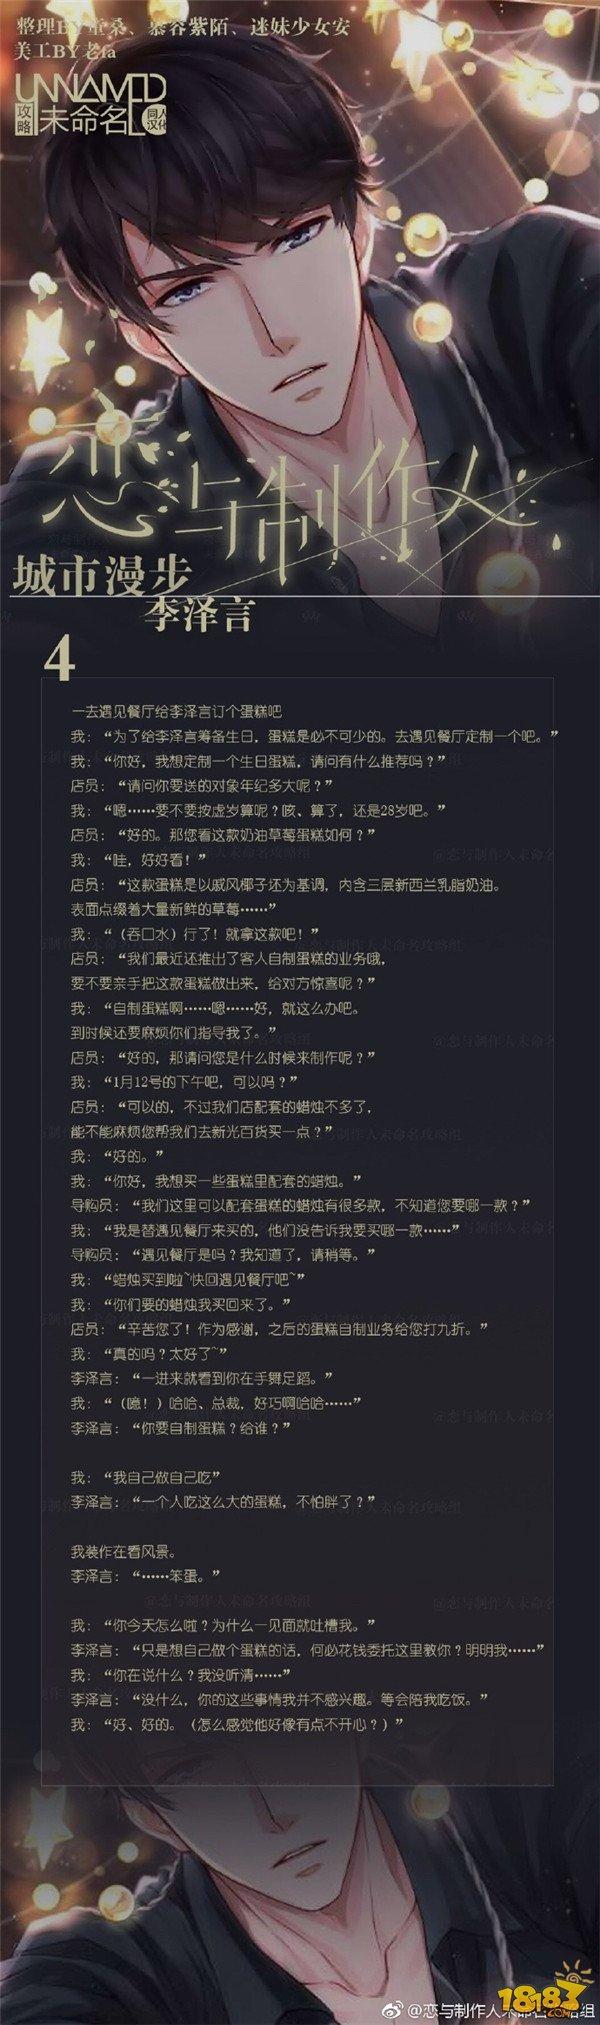 恋与制作人城市漫步李泽言剧情介绍 挂机党不能错过